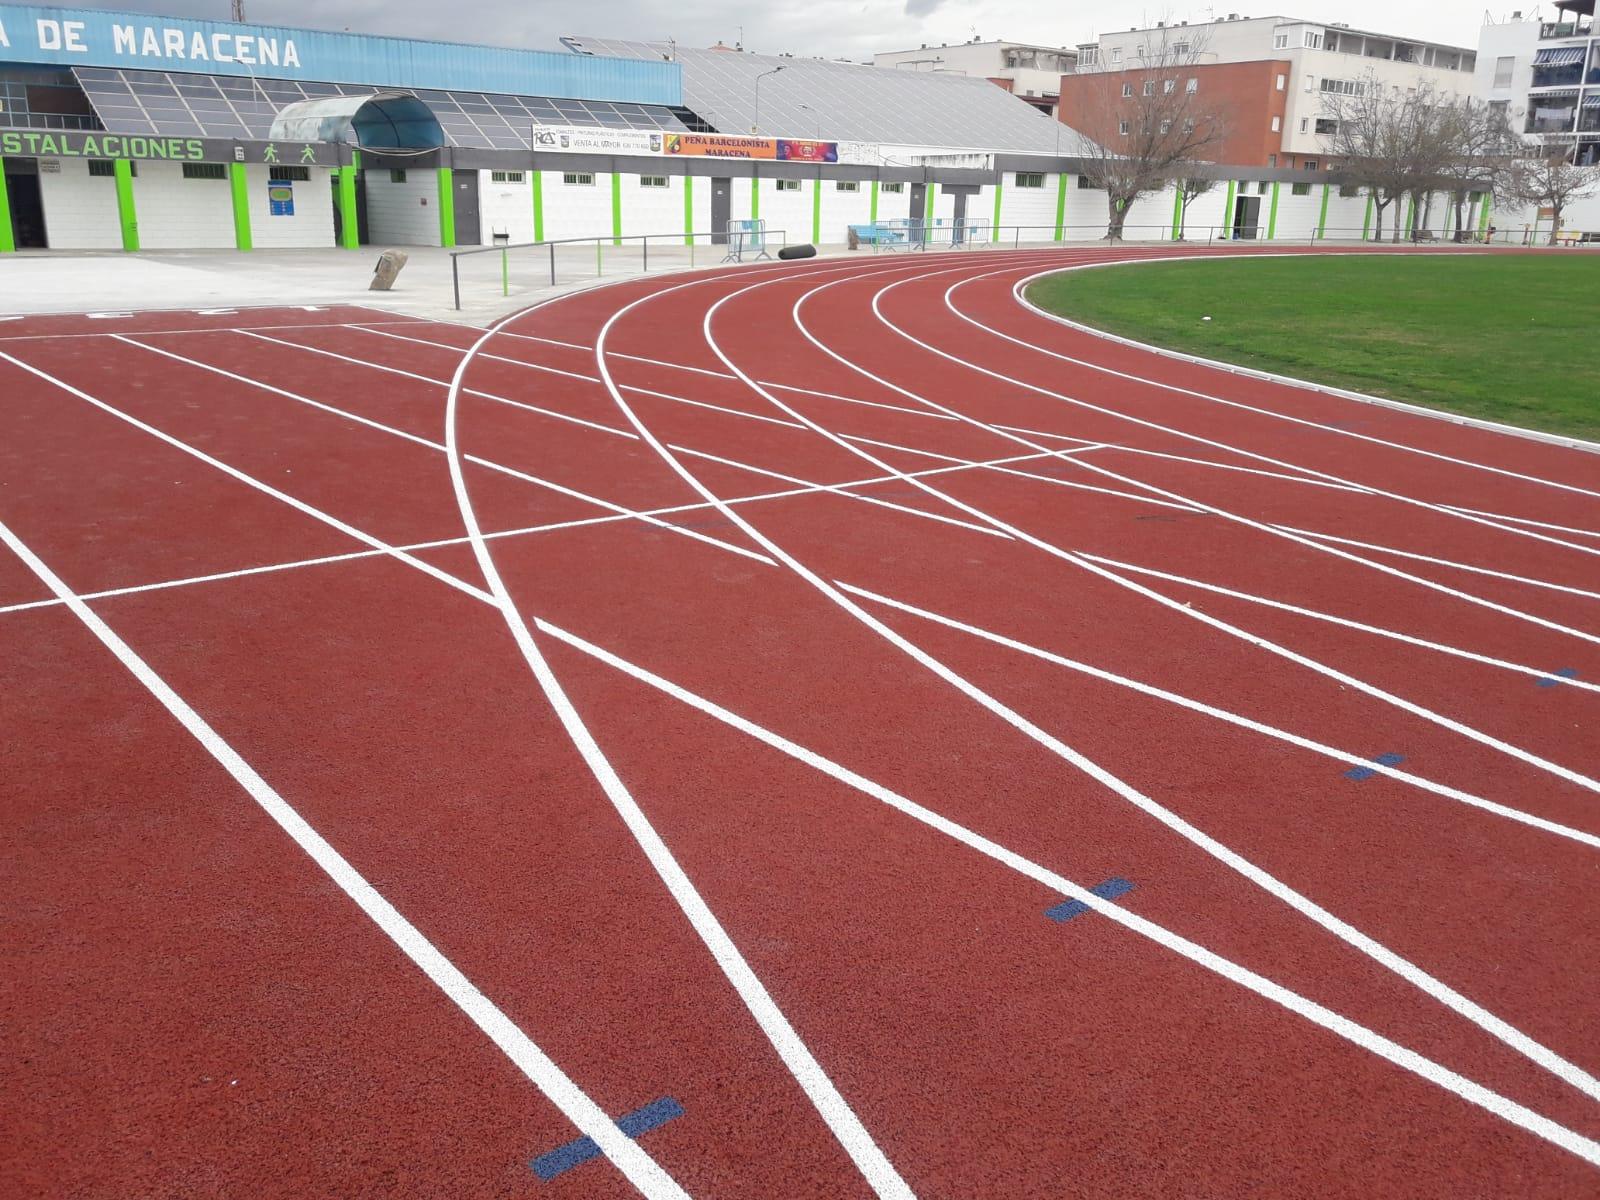 Ciudad Deportiva de Maracena, Granada Image